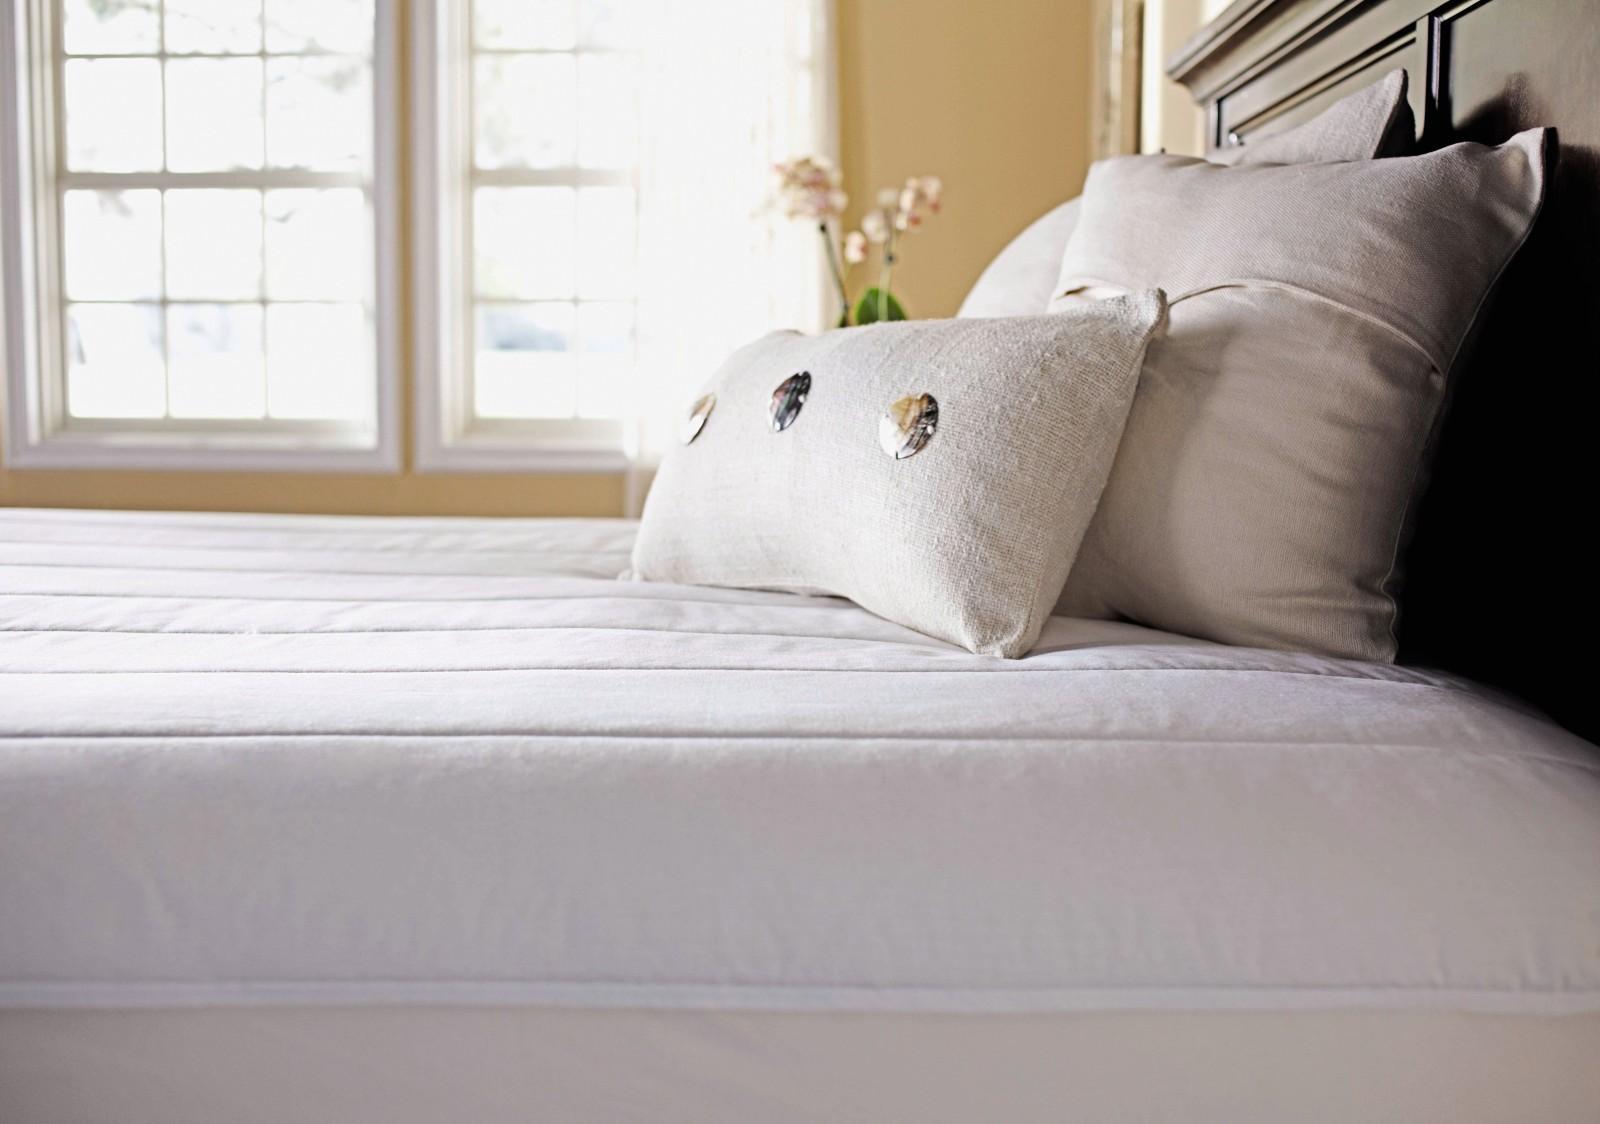 Heating Blanket For Full Bed